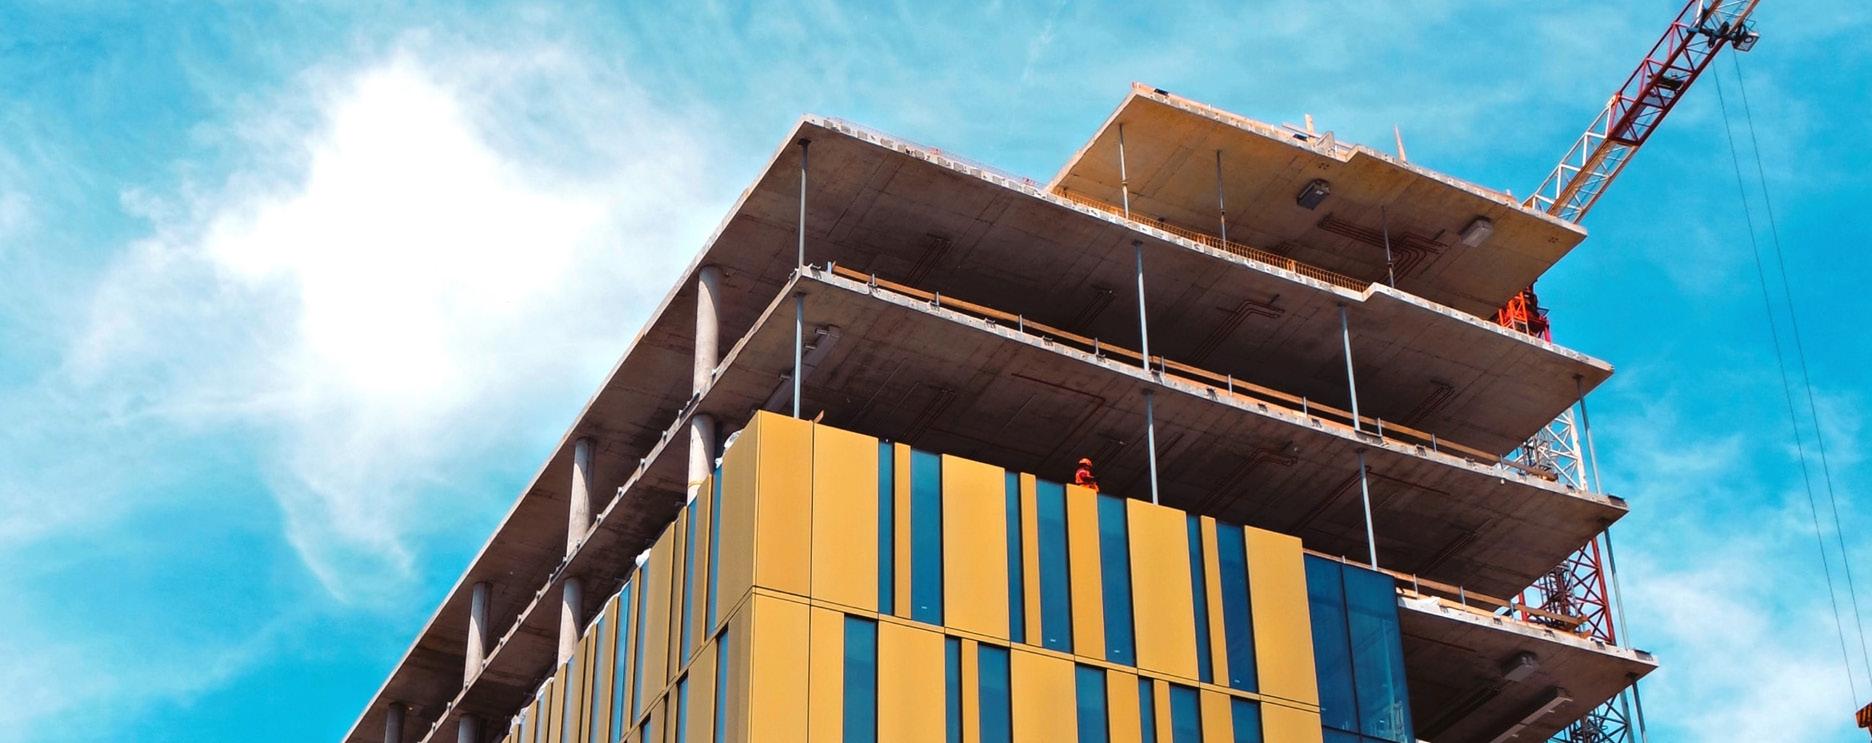 CGC In Focus Construction Industry Report